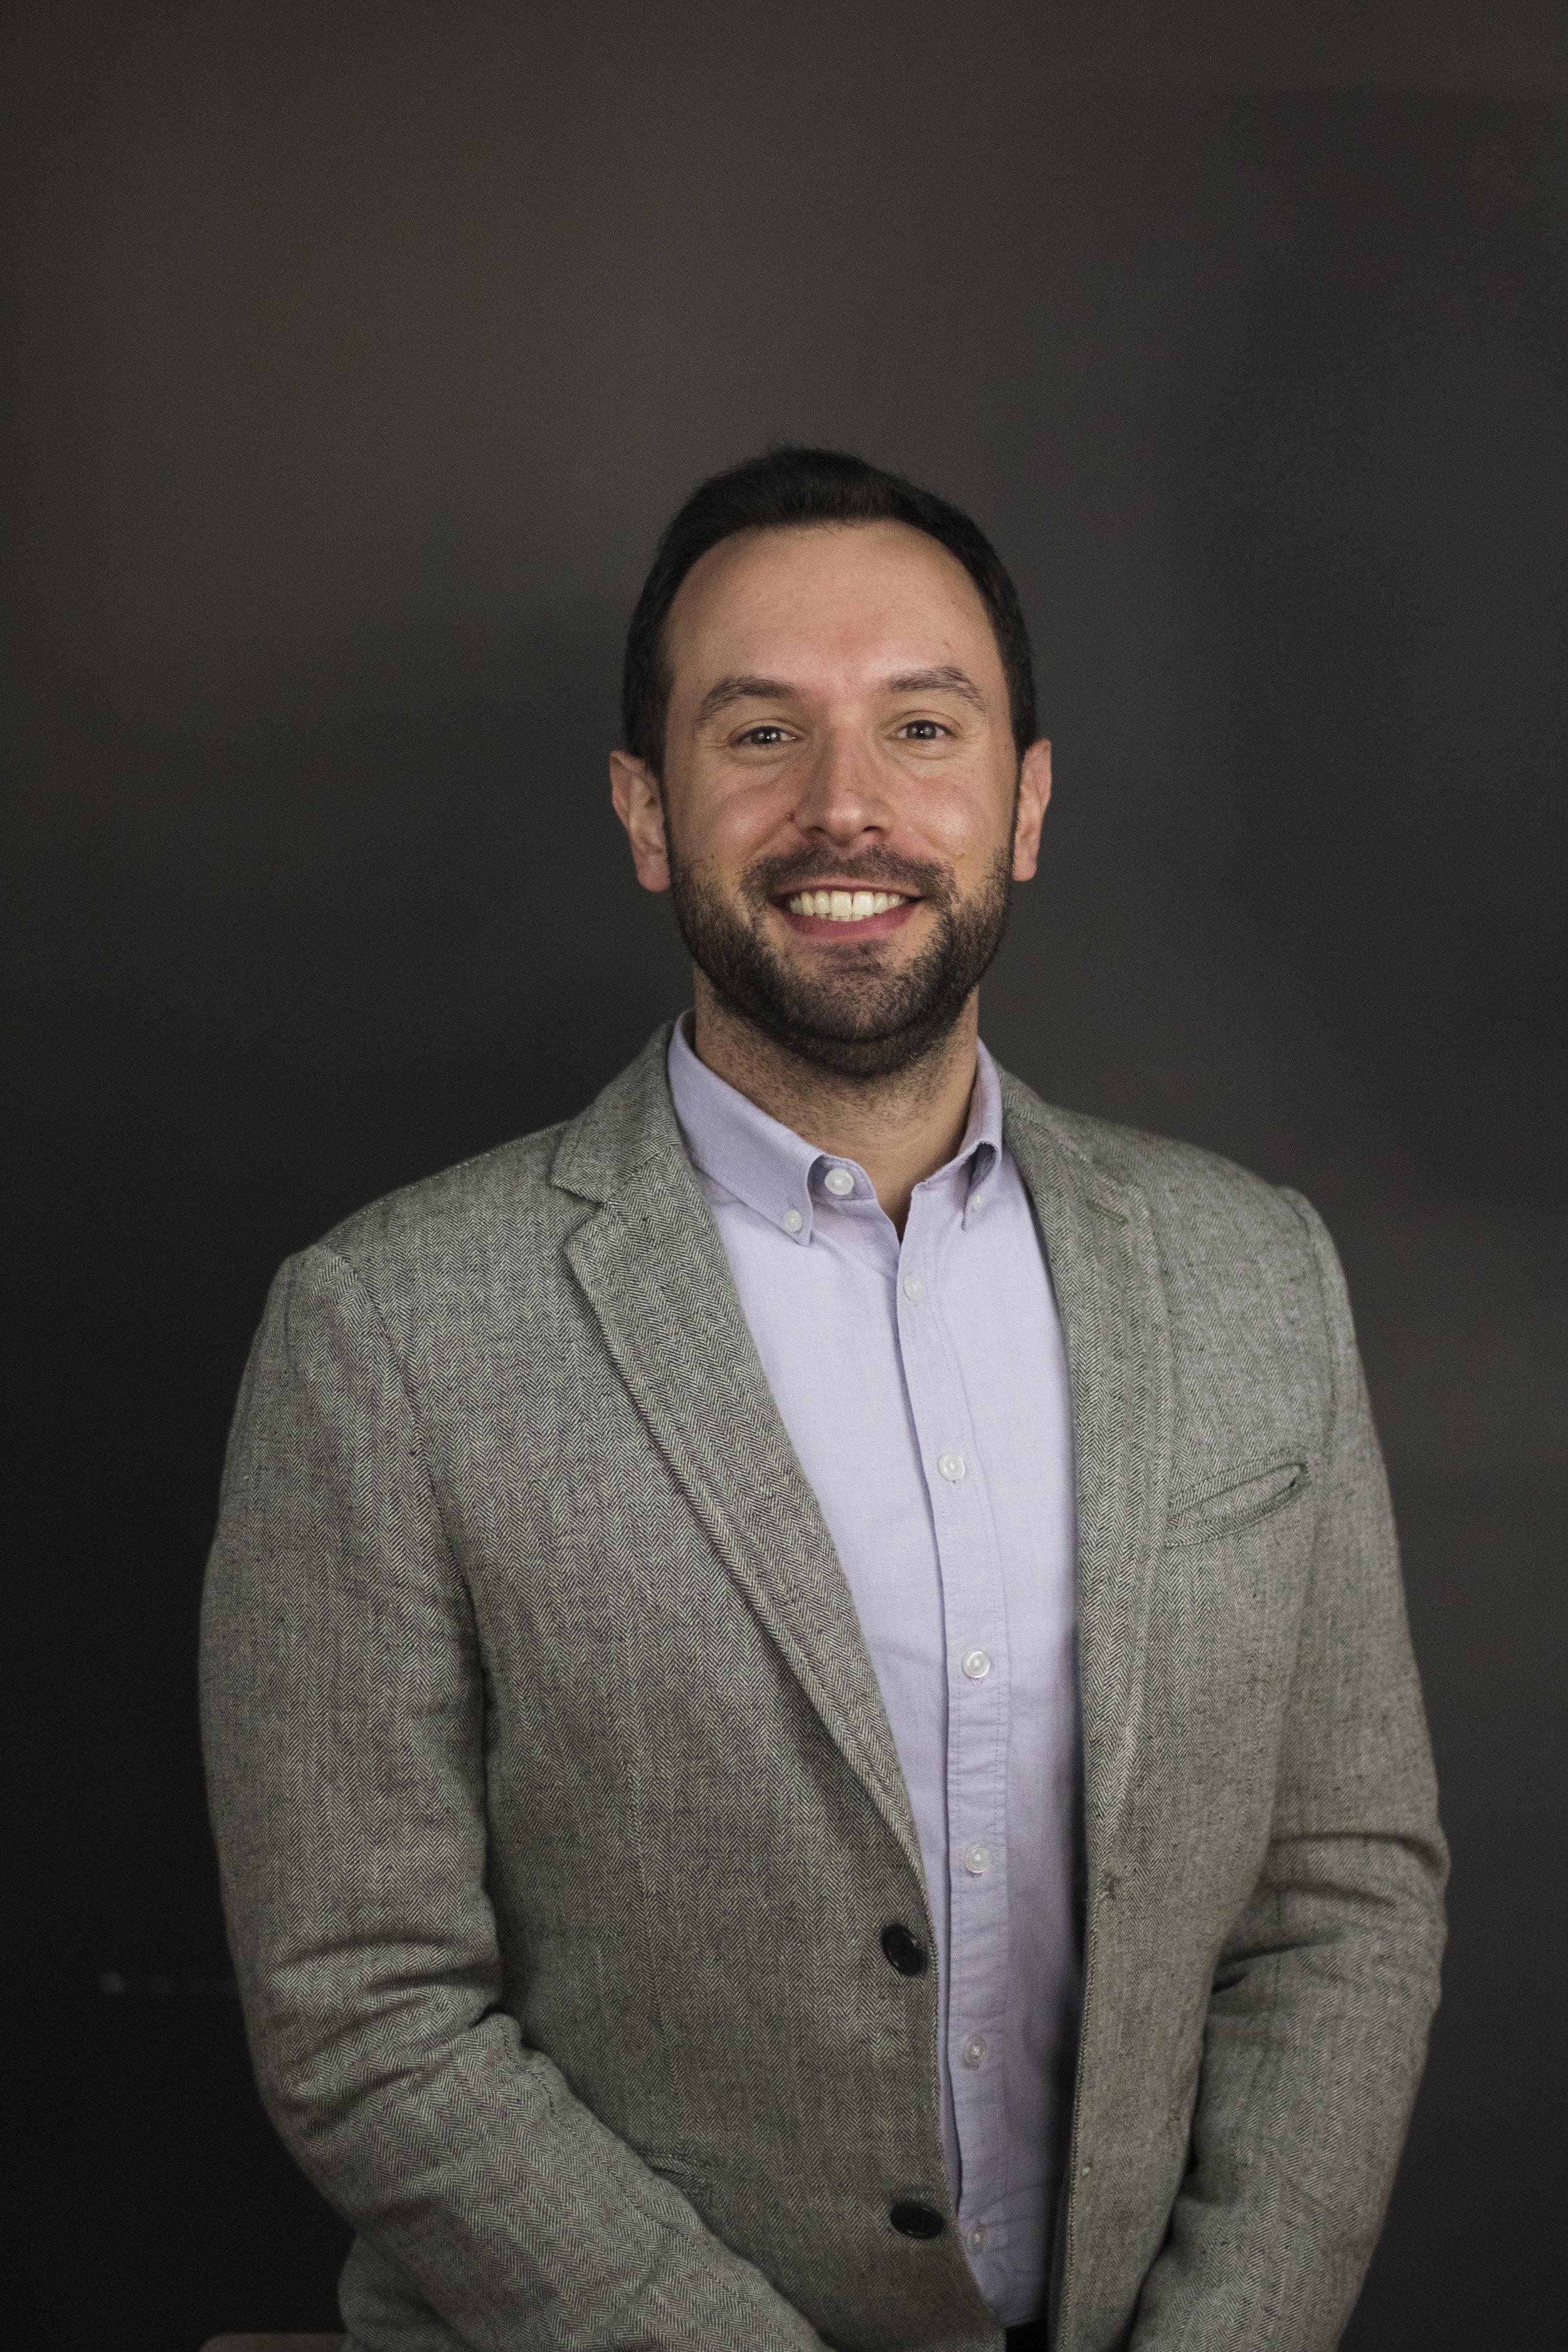 Treasurer | David White, CRI